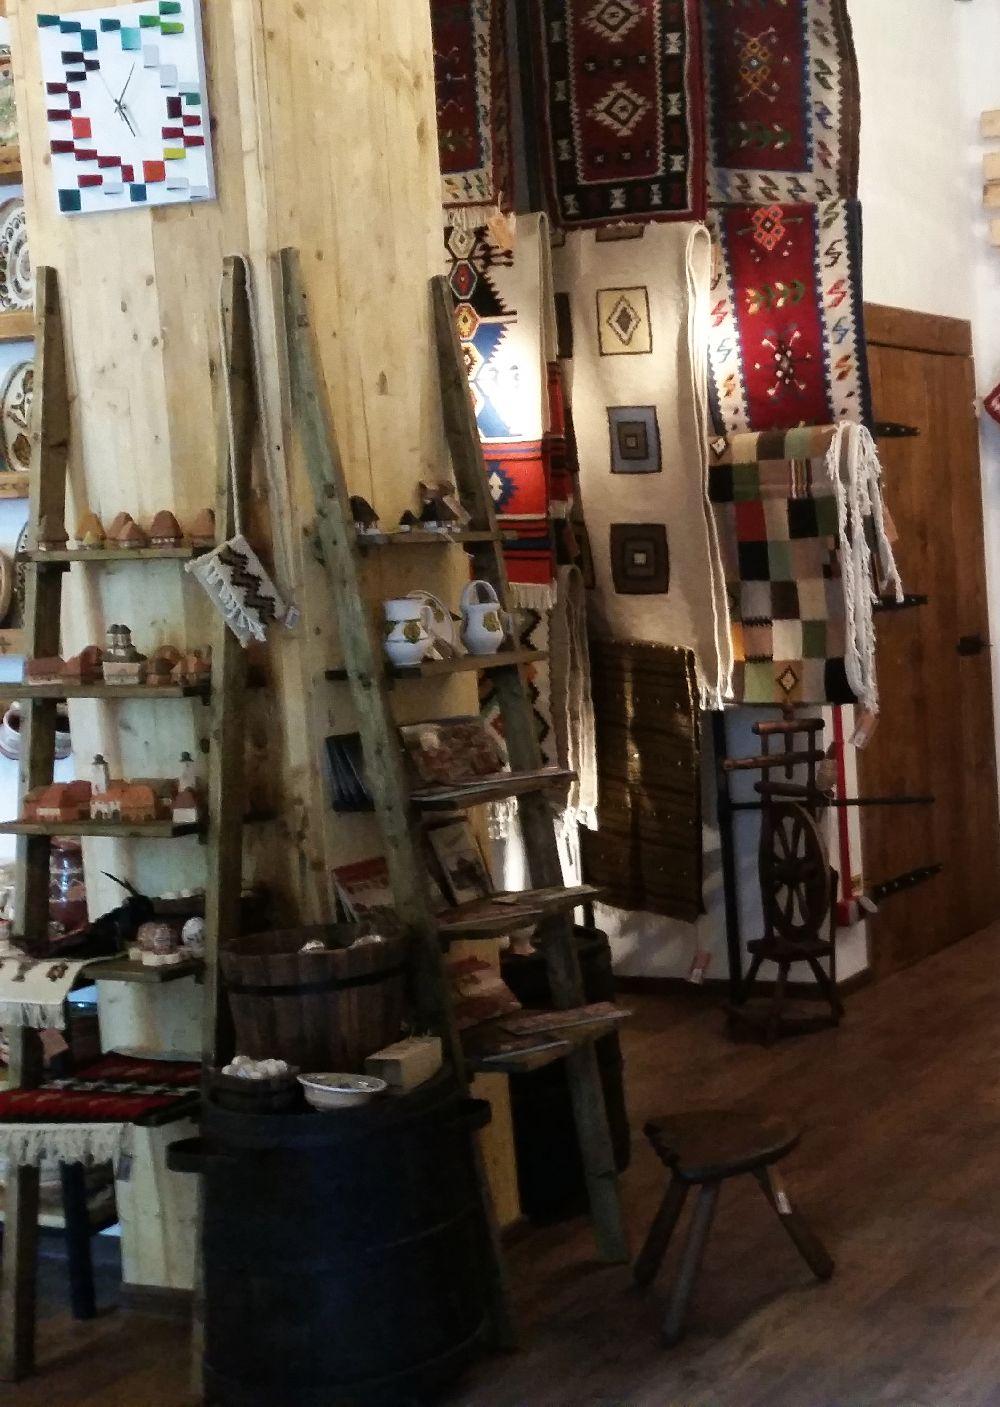 adelaparvu.com despremagazin cu obiecte traditionale, My Romanian Store Bucharest (28)